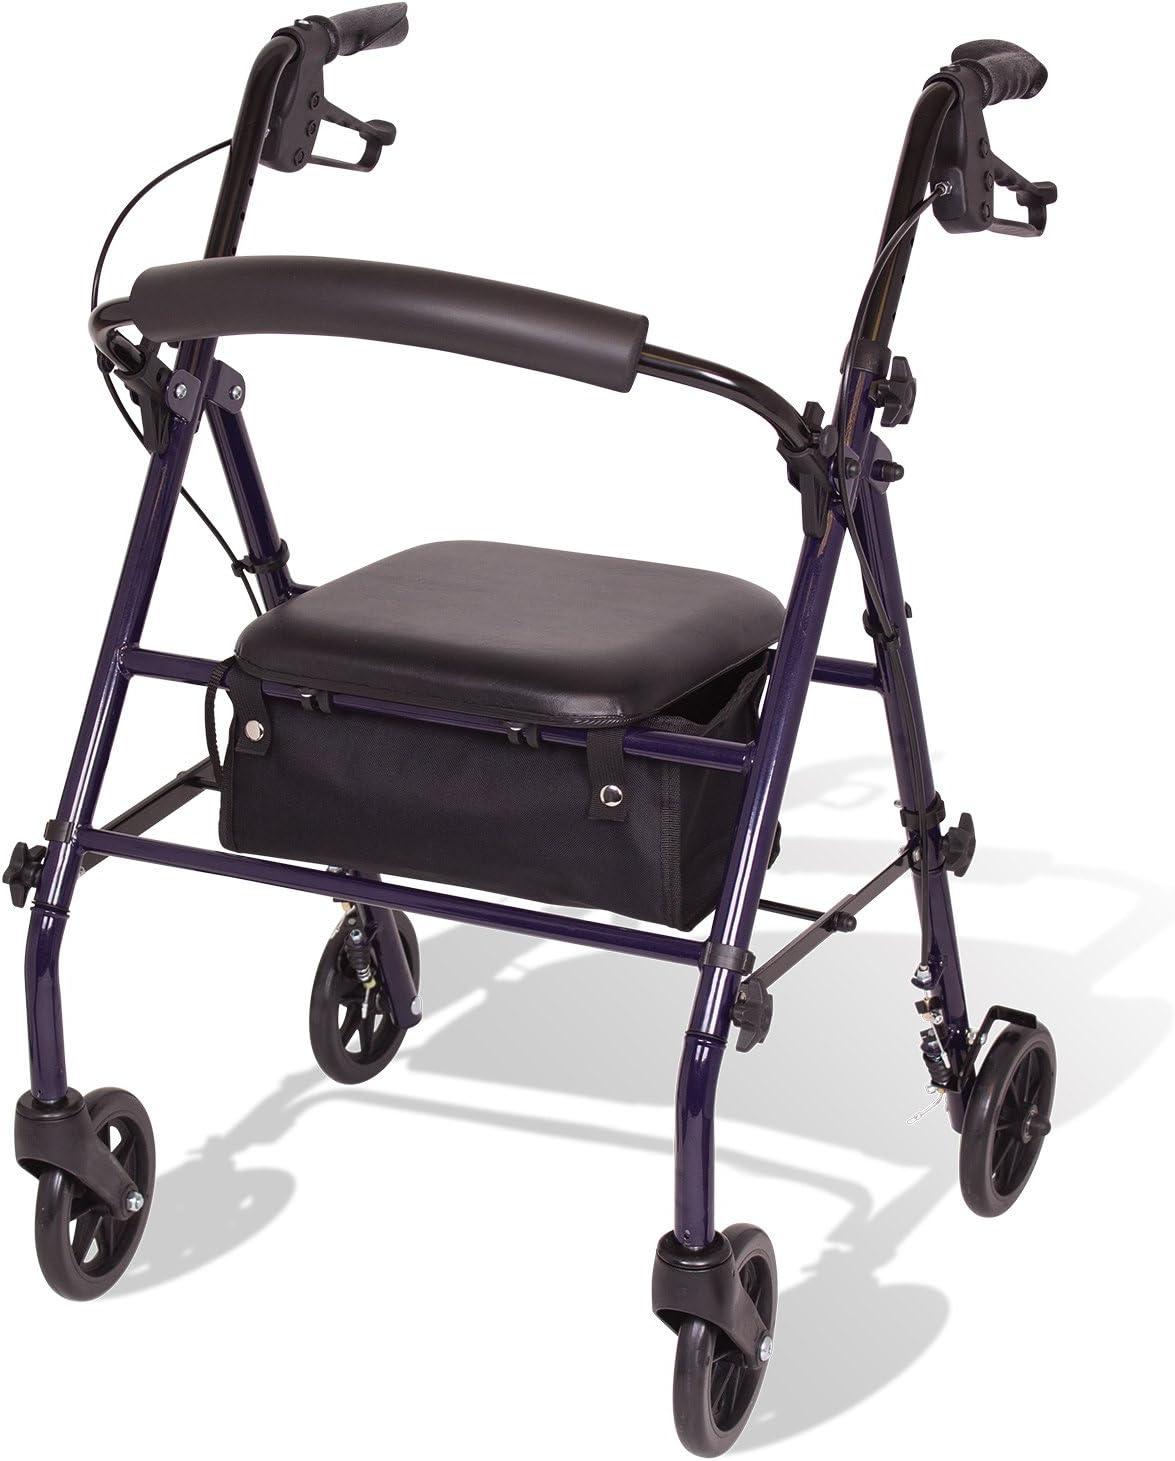 Amazon.com: Carex - Carretilla de acero con asiento y ruedas ...